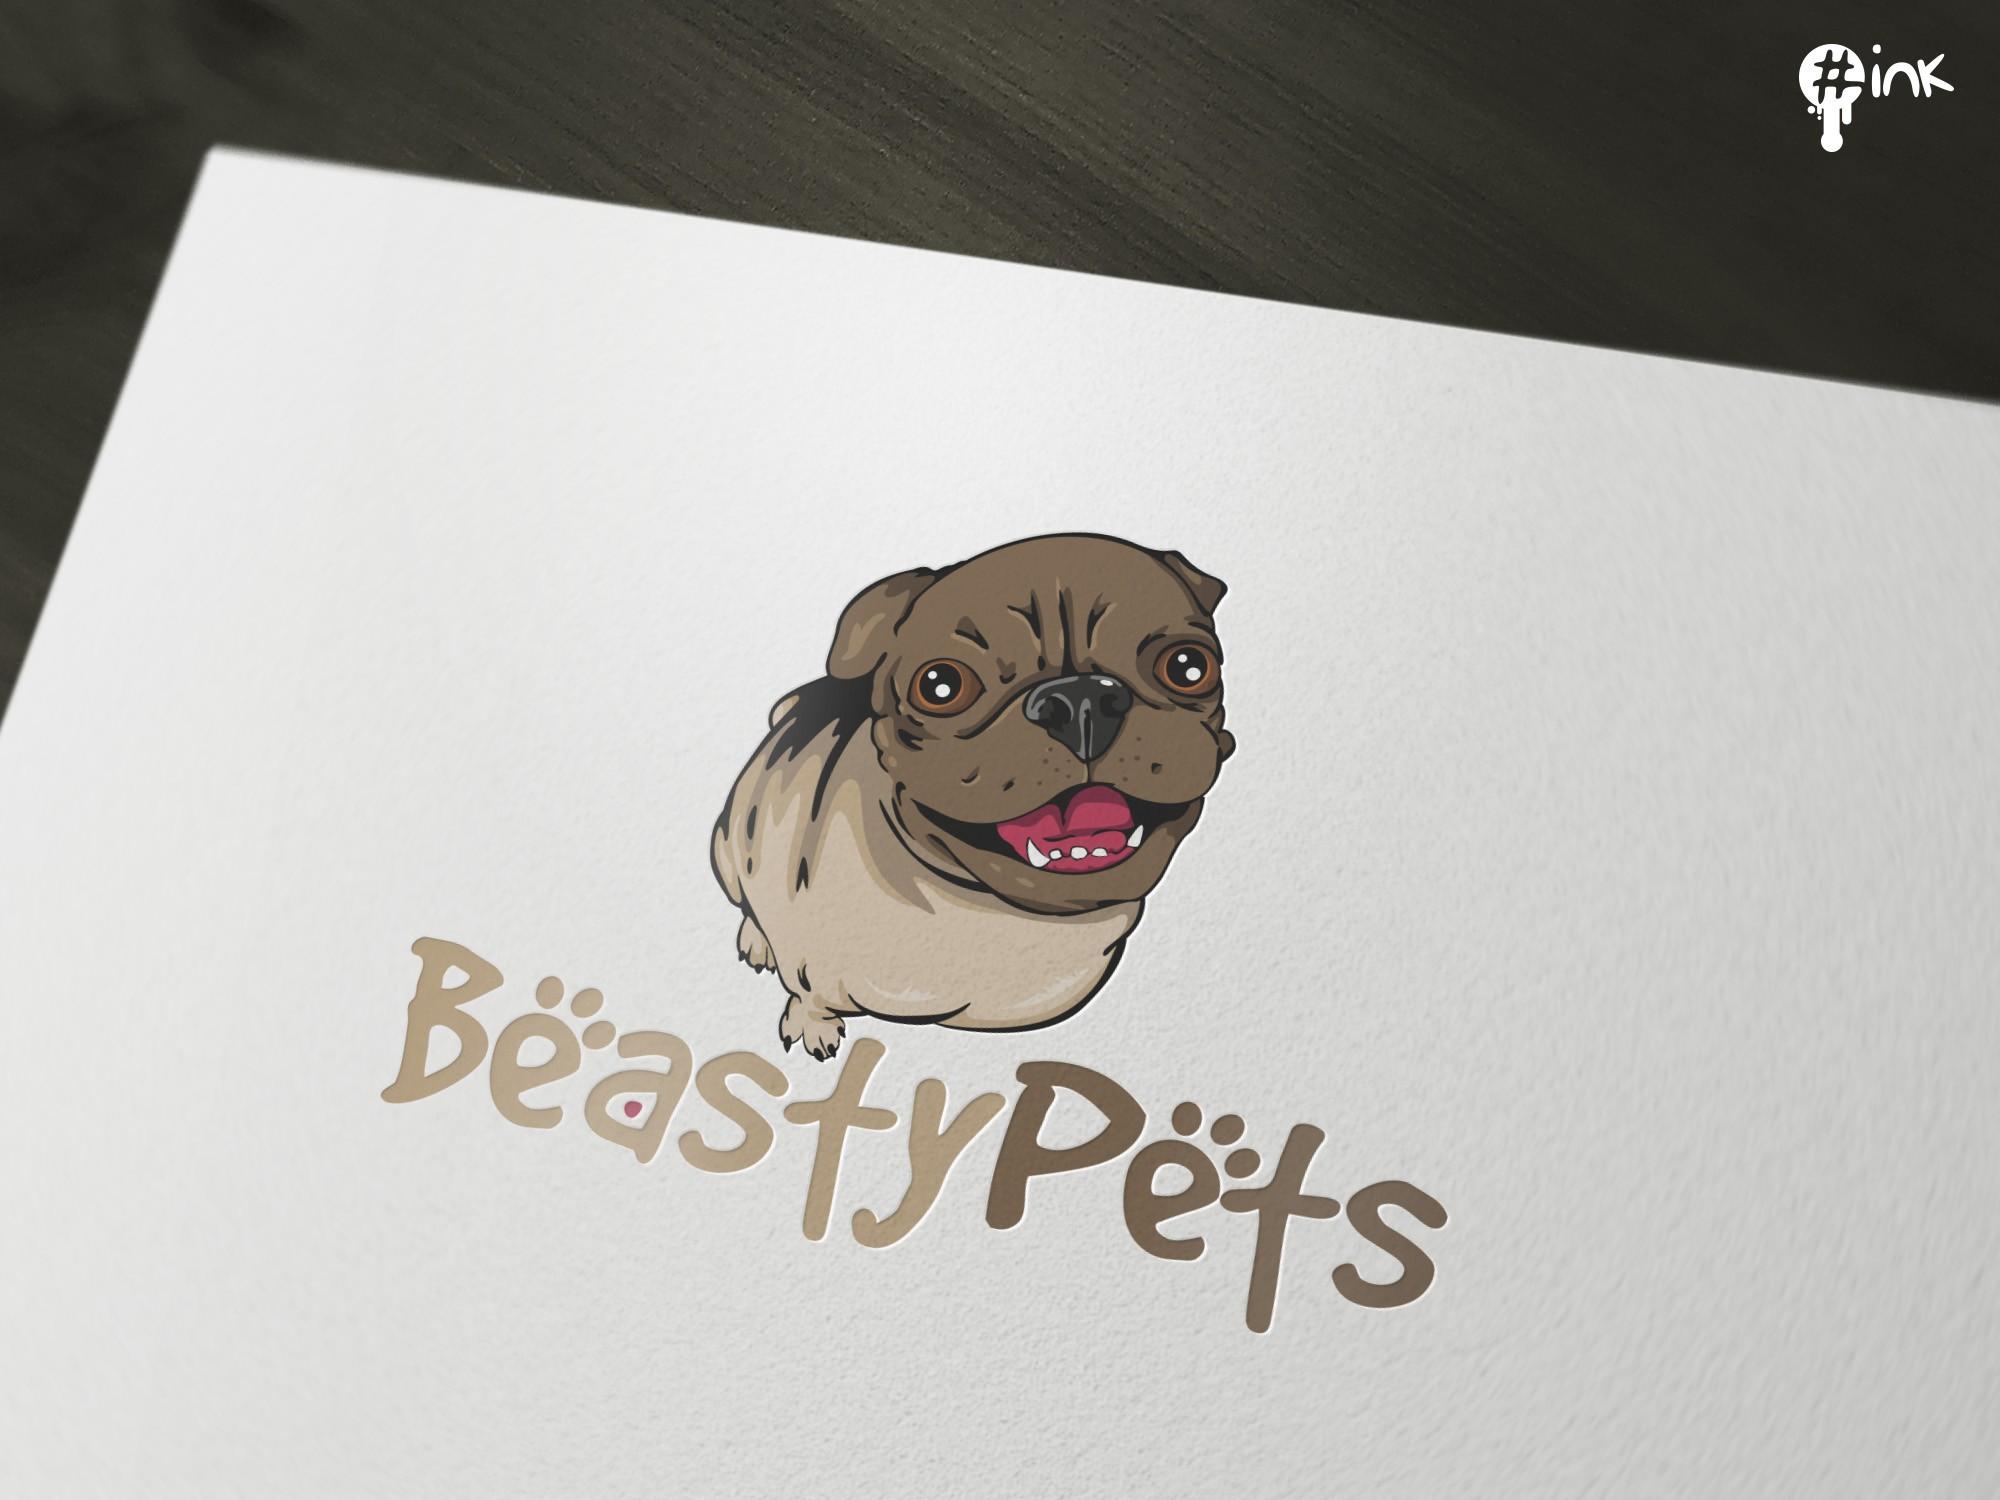 Beasty Pets needs a fierce but cute logo!